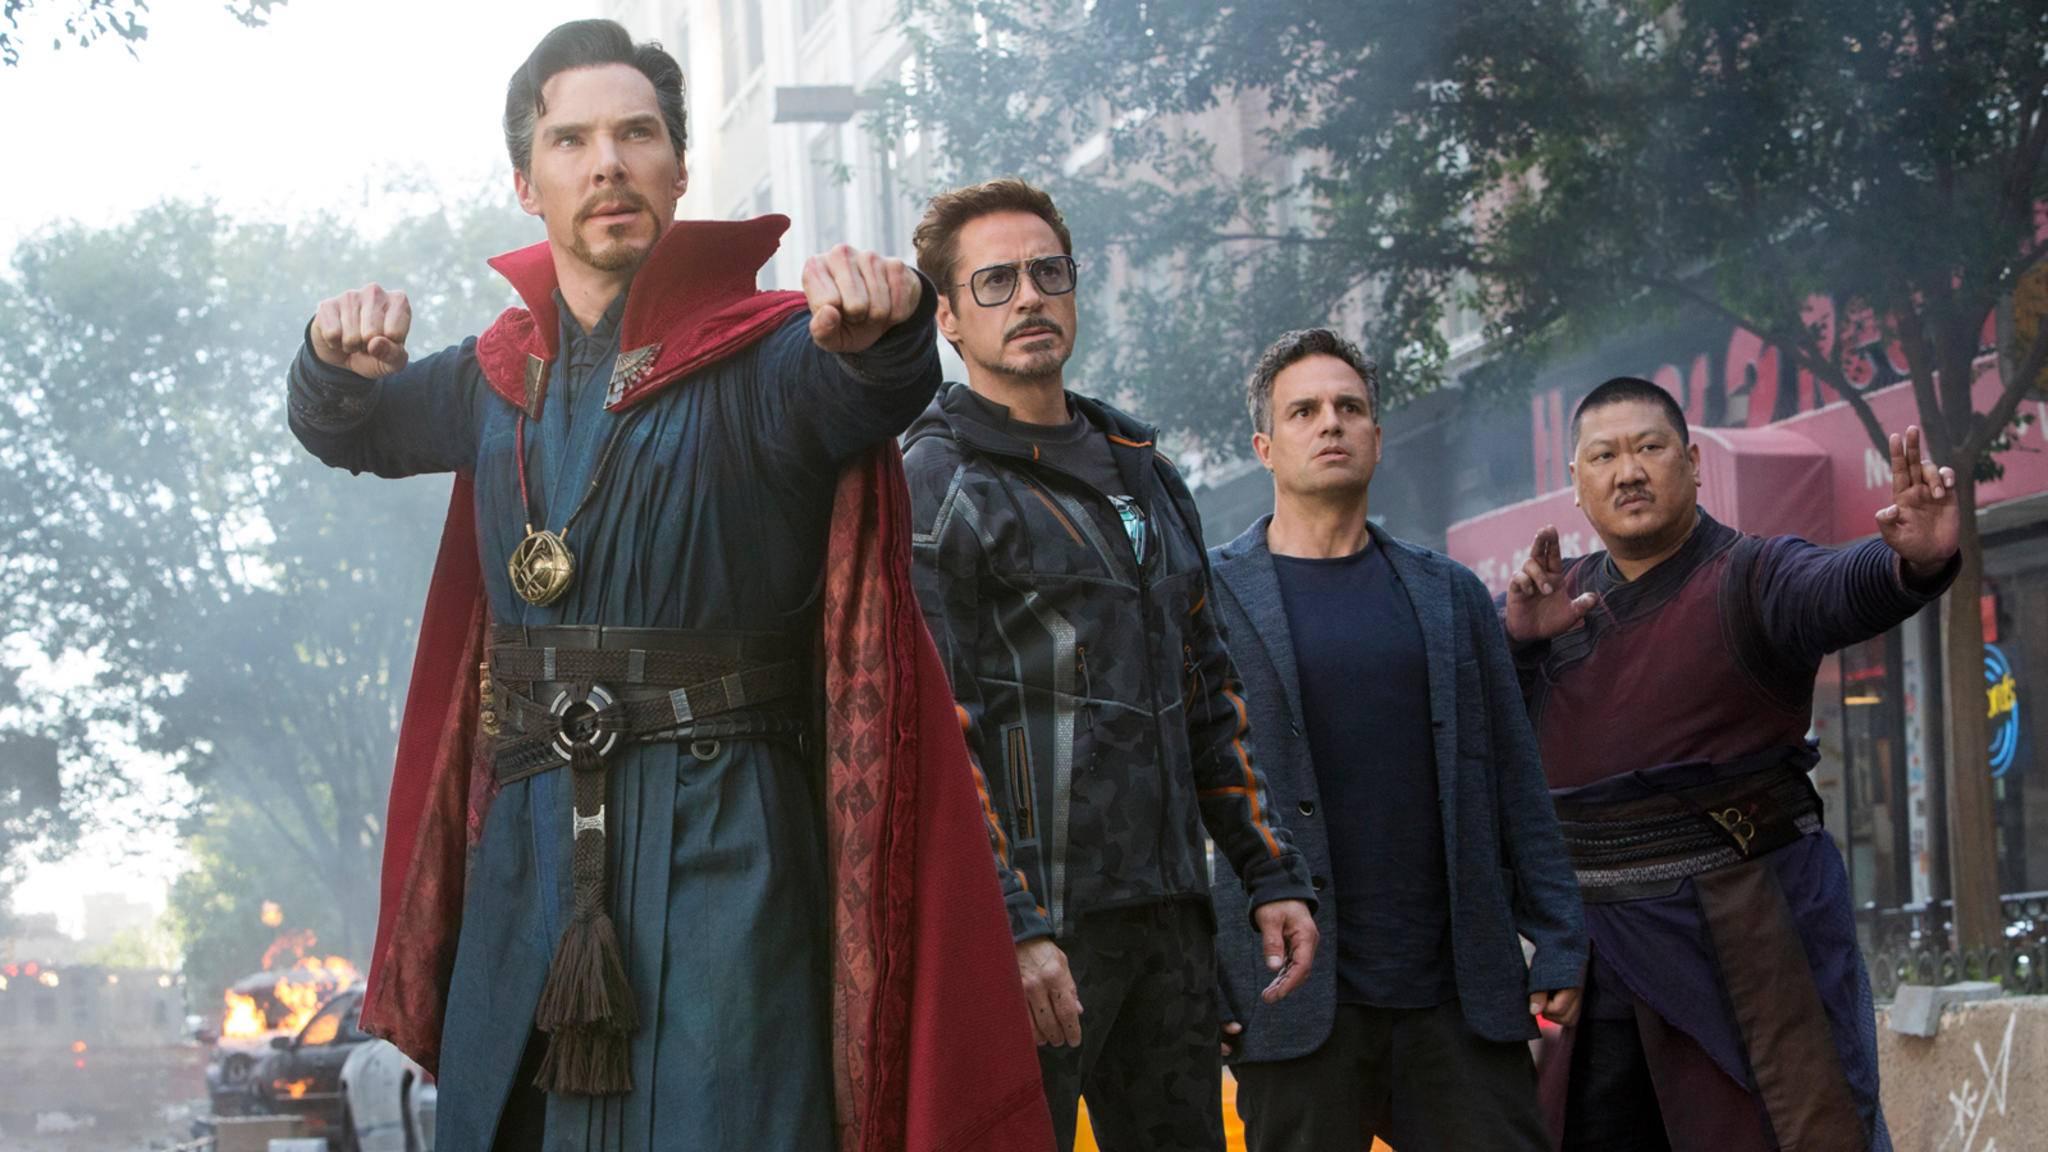 Auch die Avengers kehren 2019 auf die Kinoleinwände zurück.